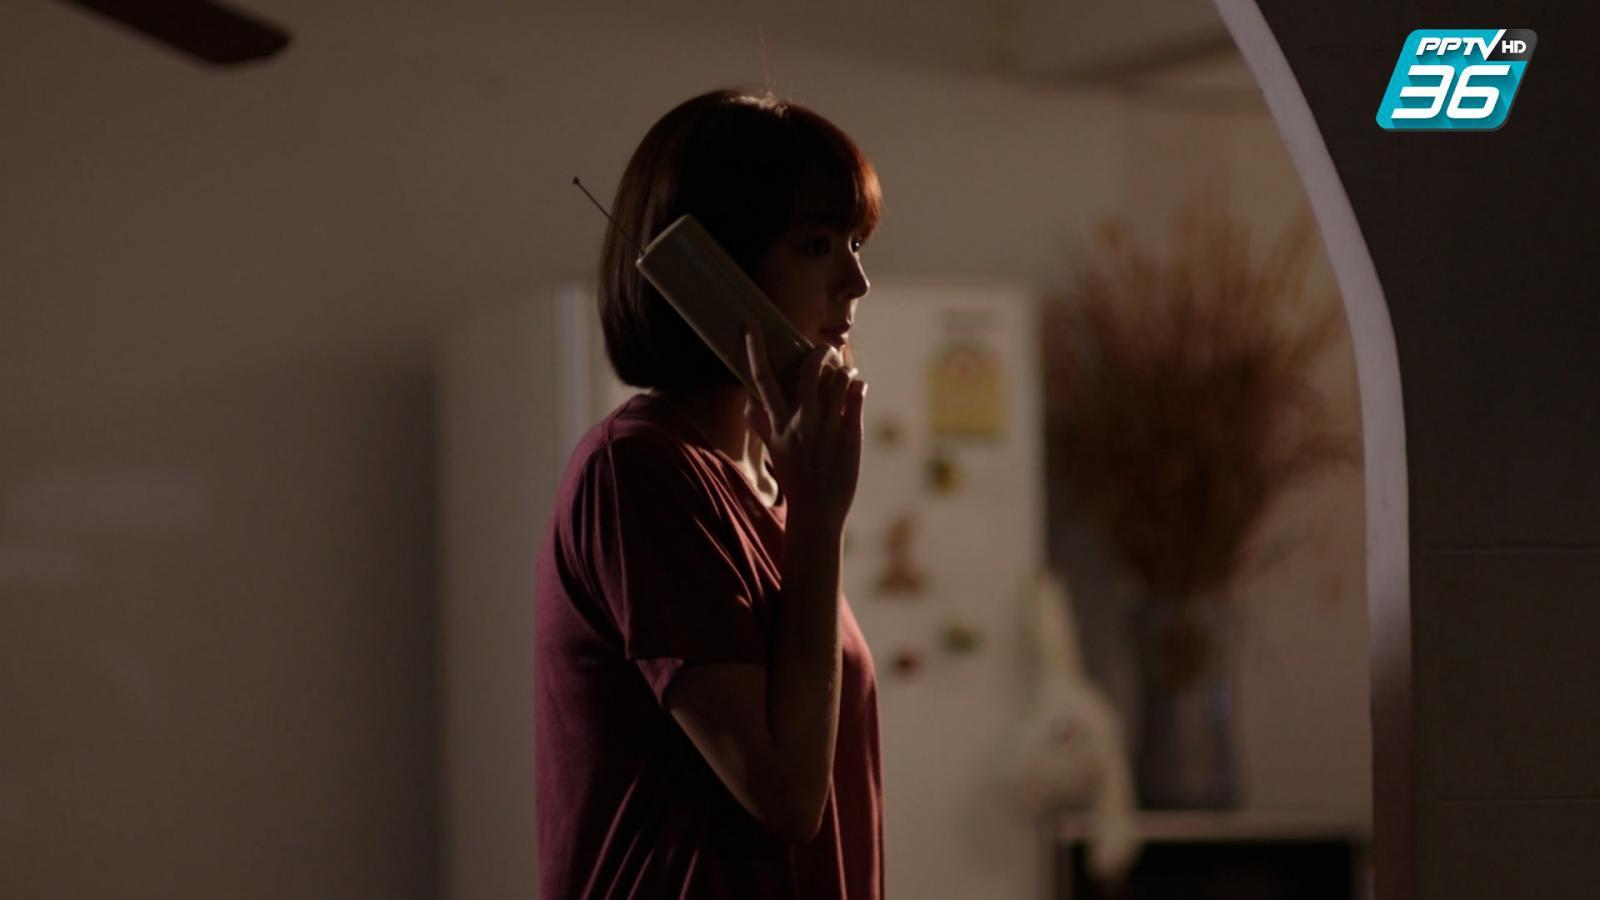 กาลครั้งหนึ่ง รักของเรา EP.3 | ฟินสุด | โทรไปจีบ แต่ติดที่พ่อเธอรับ | PPTV HD 36